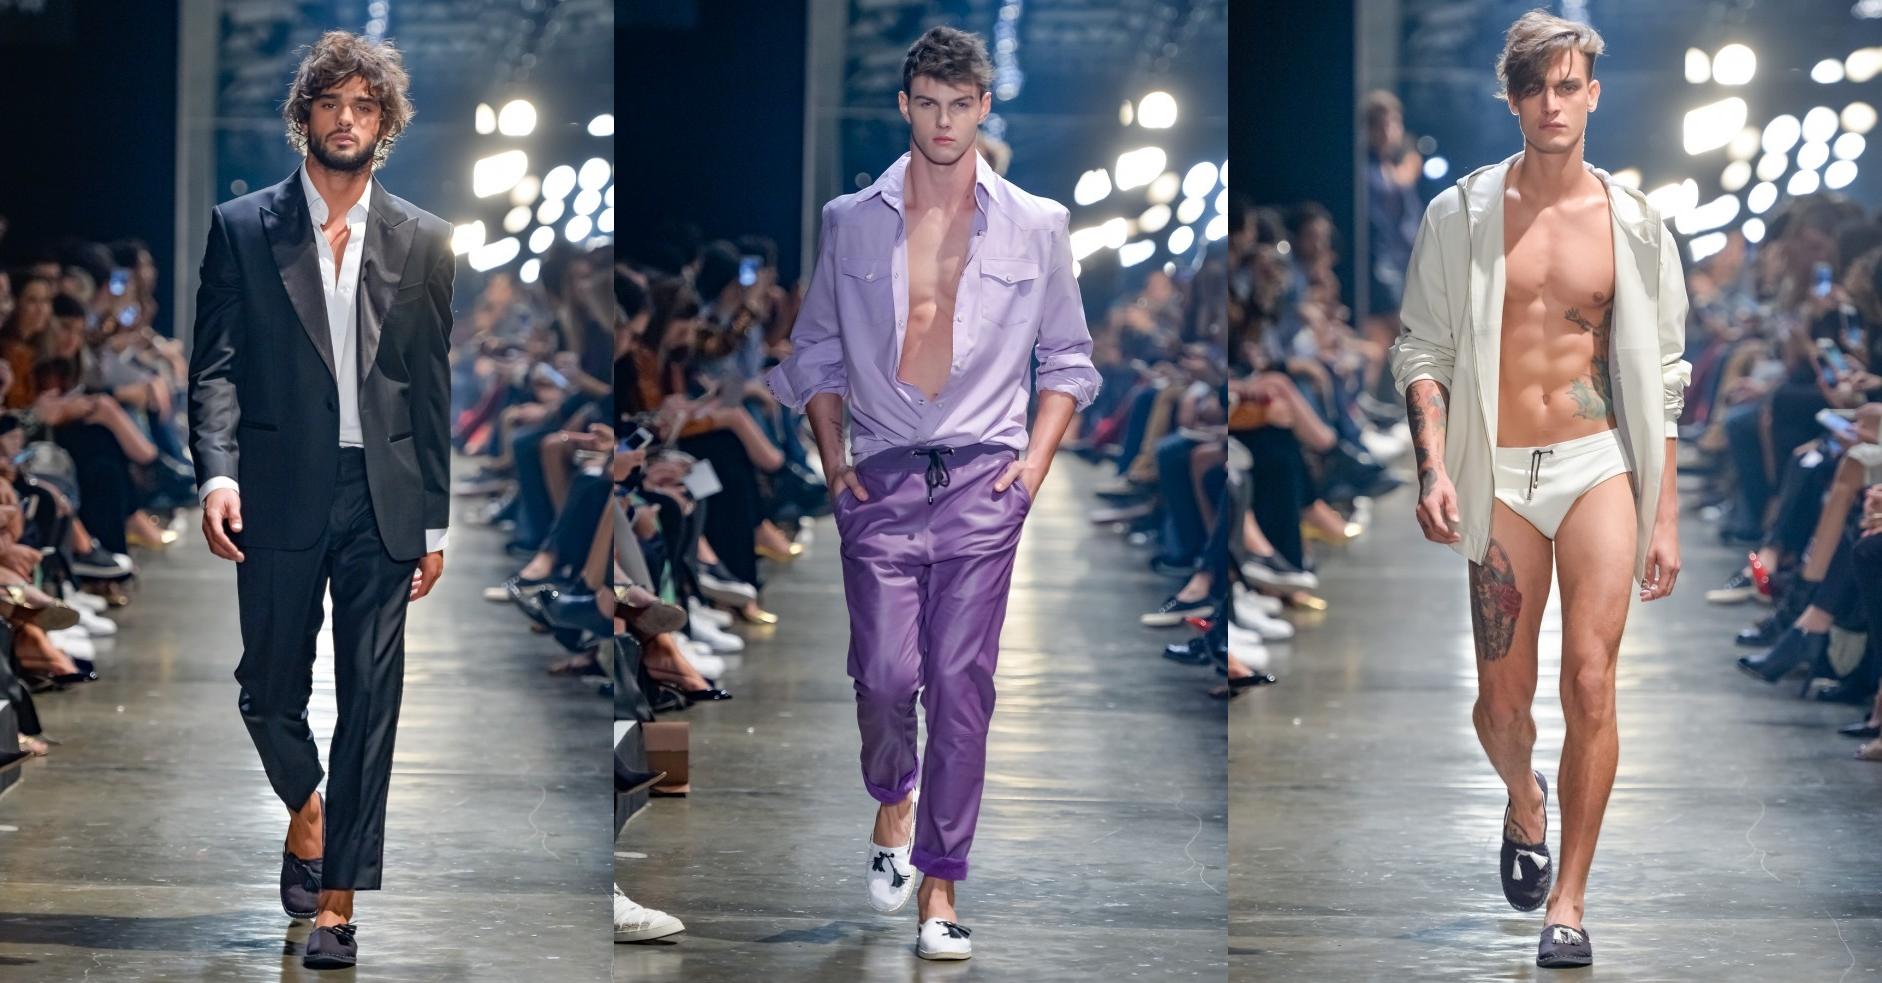 ... de moda, beleza masculina, alex cursino, blogueiro de moda, digital